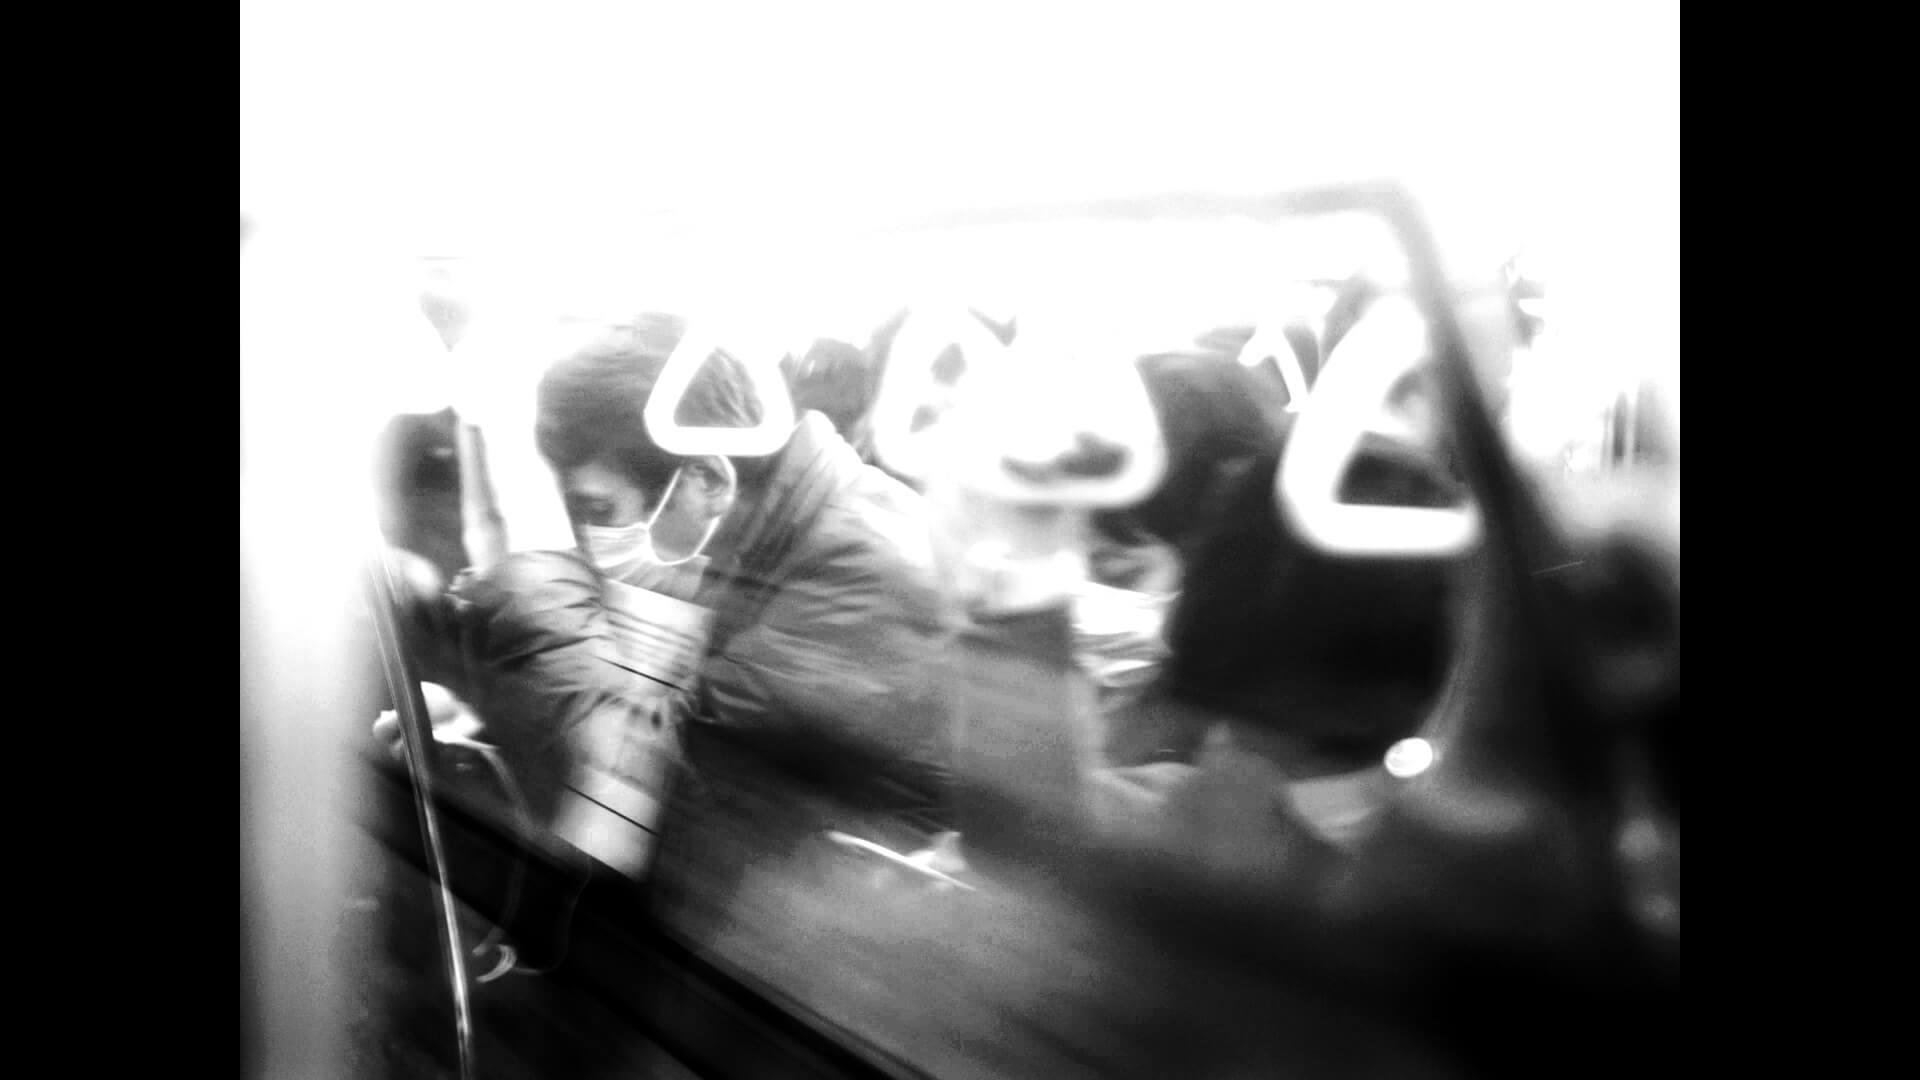 木村太一の最新ショートフィルム『Mu』がBOILER ROOMの「4:3」で世界同時公開|Jin Dogg、Manami Usamaru、Soushiが出演 video190710-kimurataichi-5